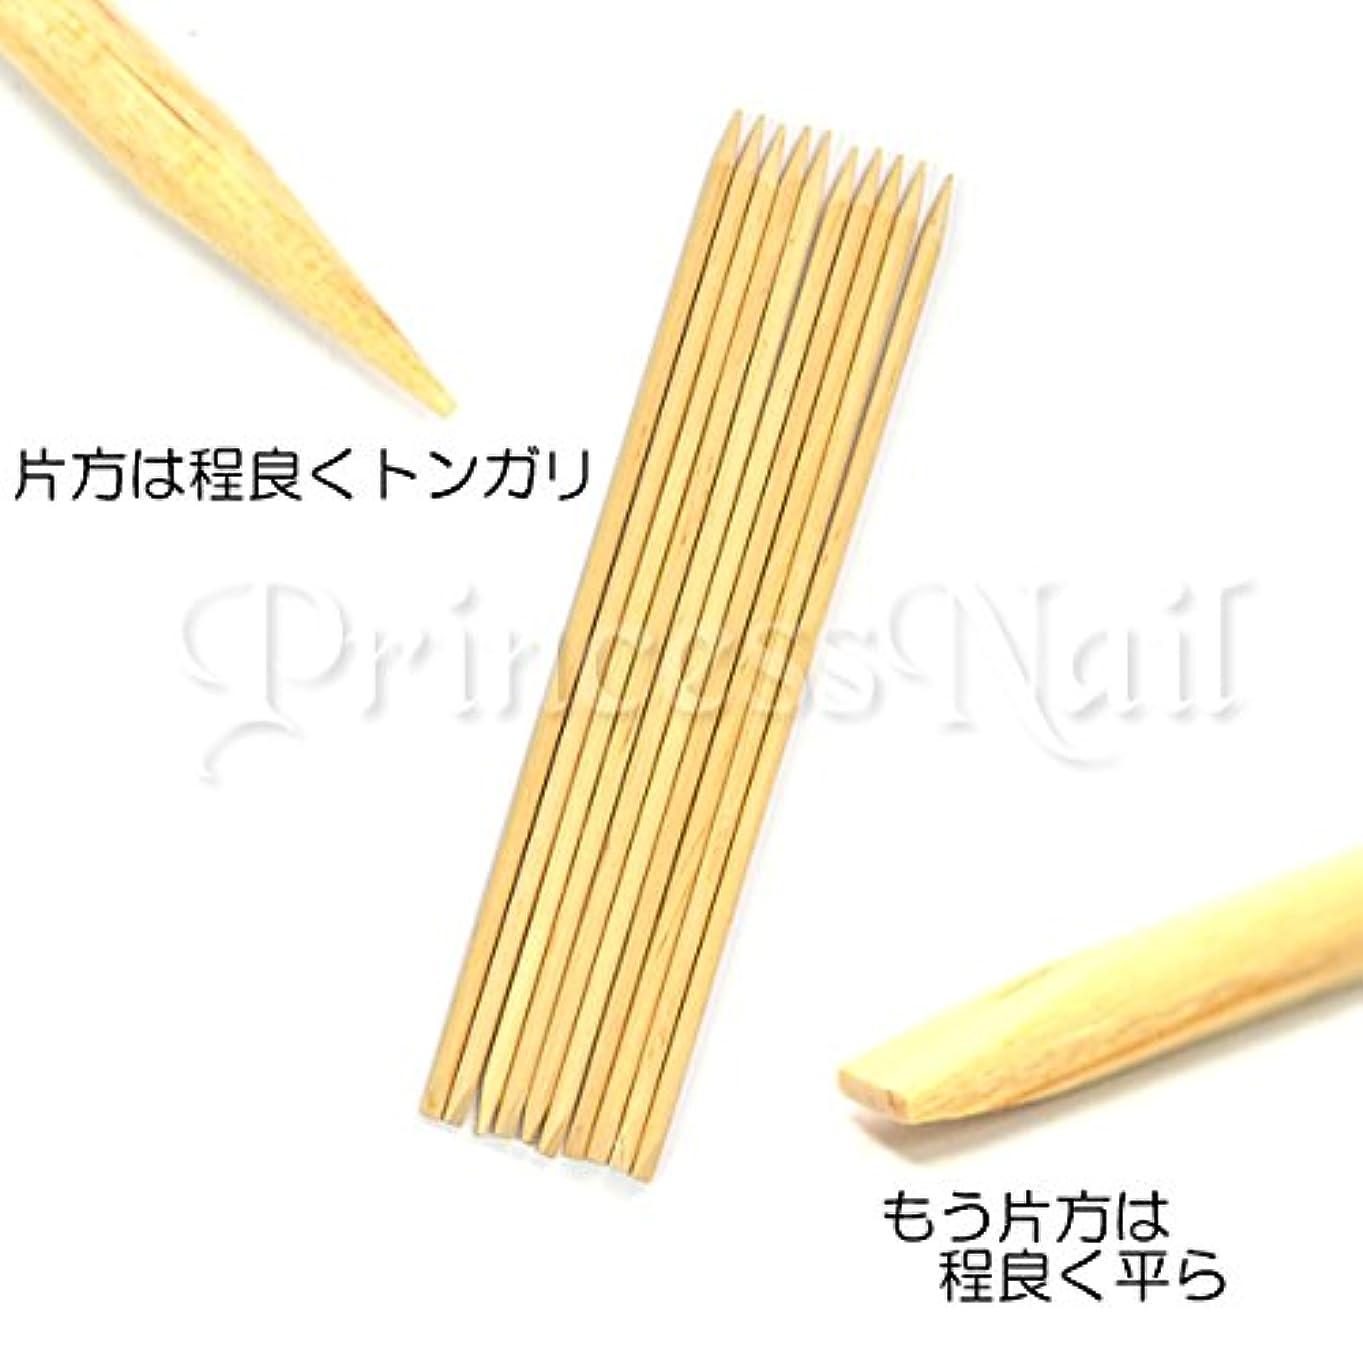 寛容な標準杖マニキュアウッドスティック20本set 2つの先端を駆使して多目的に使える優れモノのウッドスティックです。